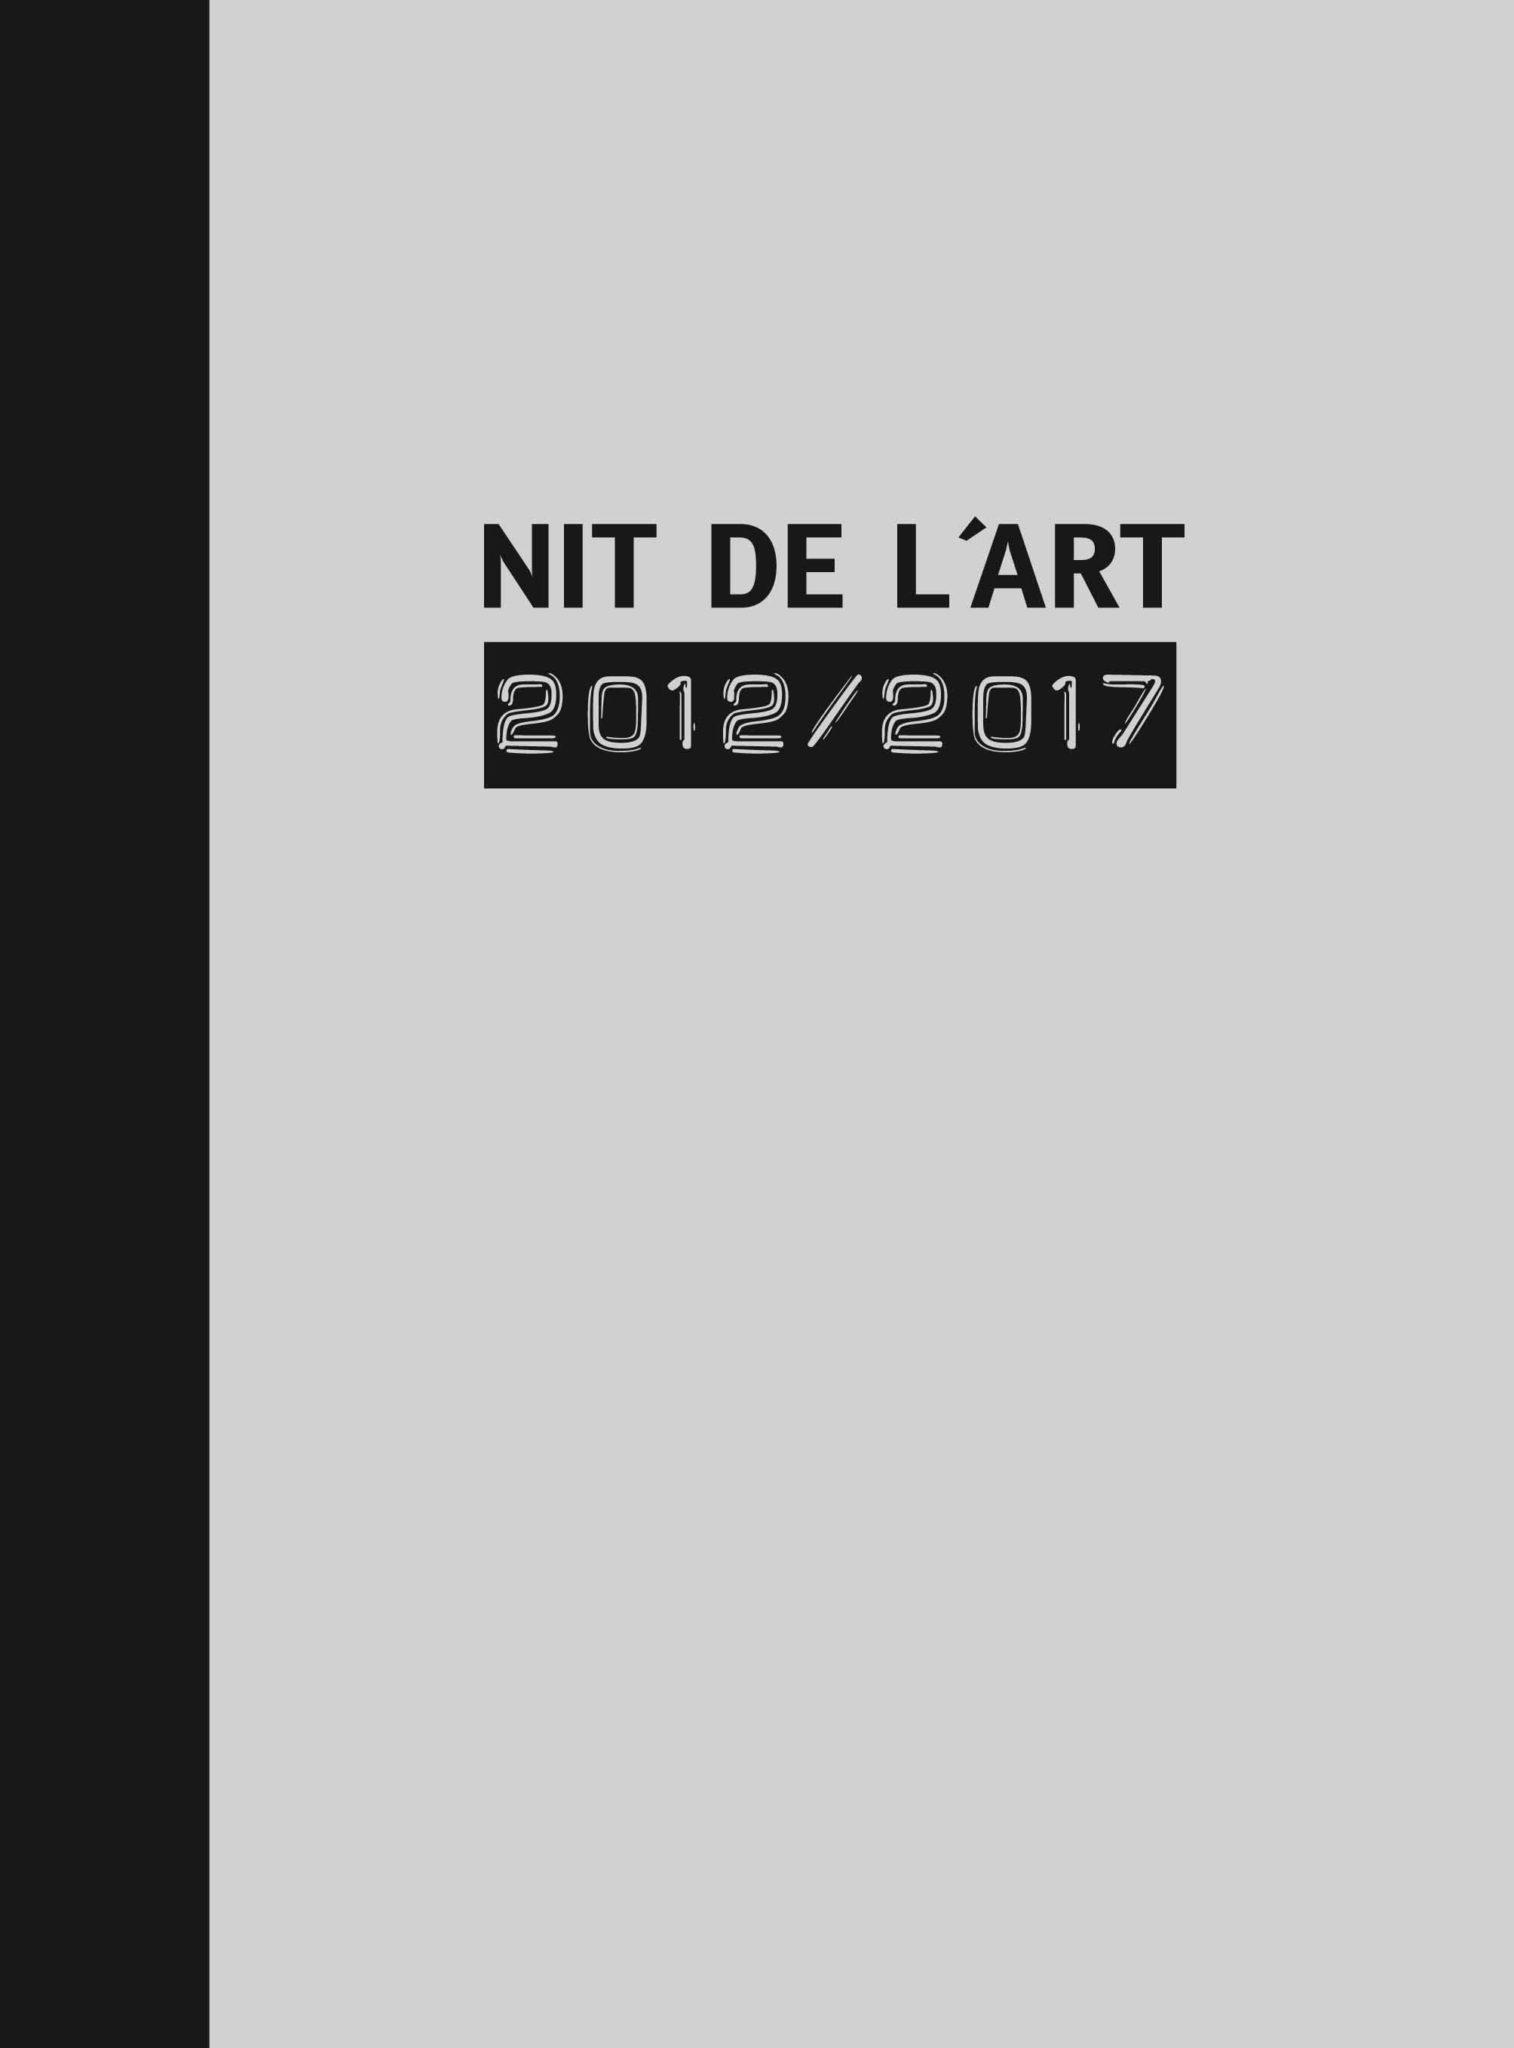 Nit de l'Art 2012/2017